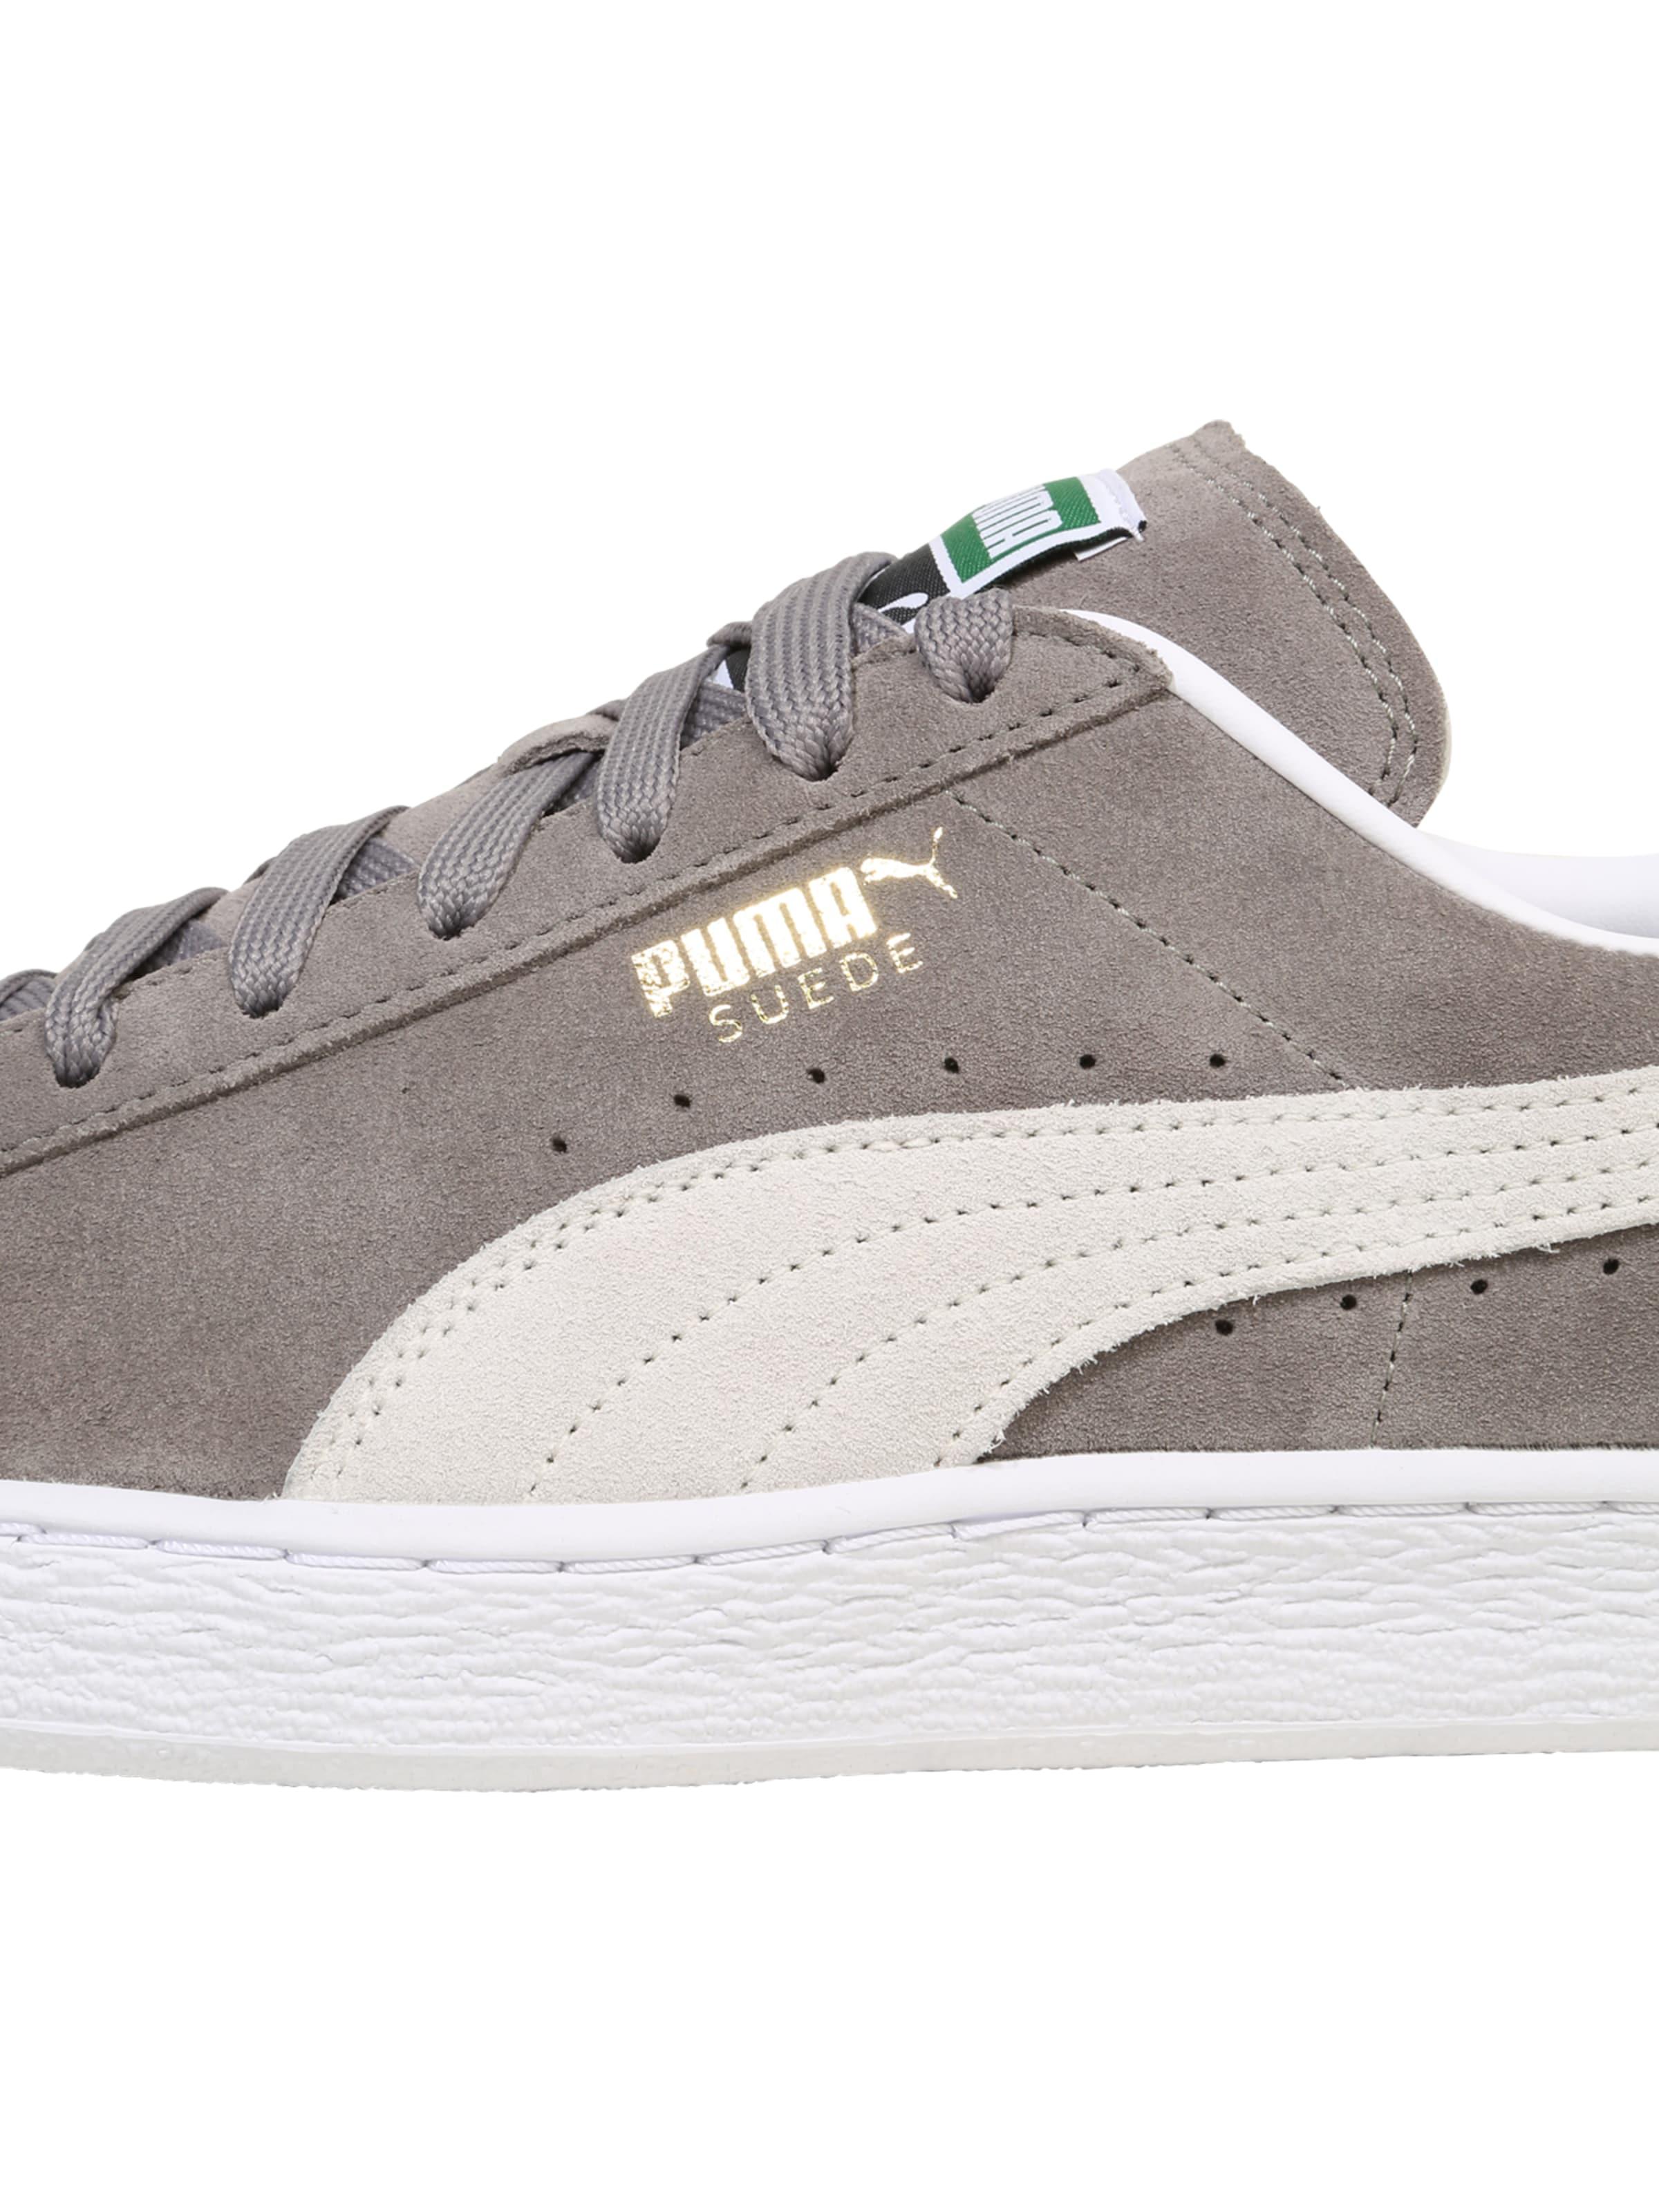 Classic' Puma In GreigeWeiß Sneaker 'suede f6ybY7gvI